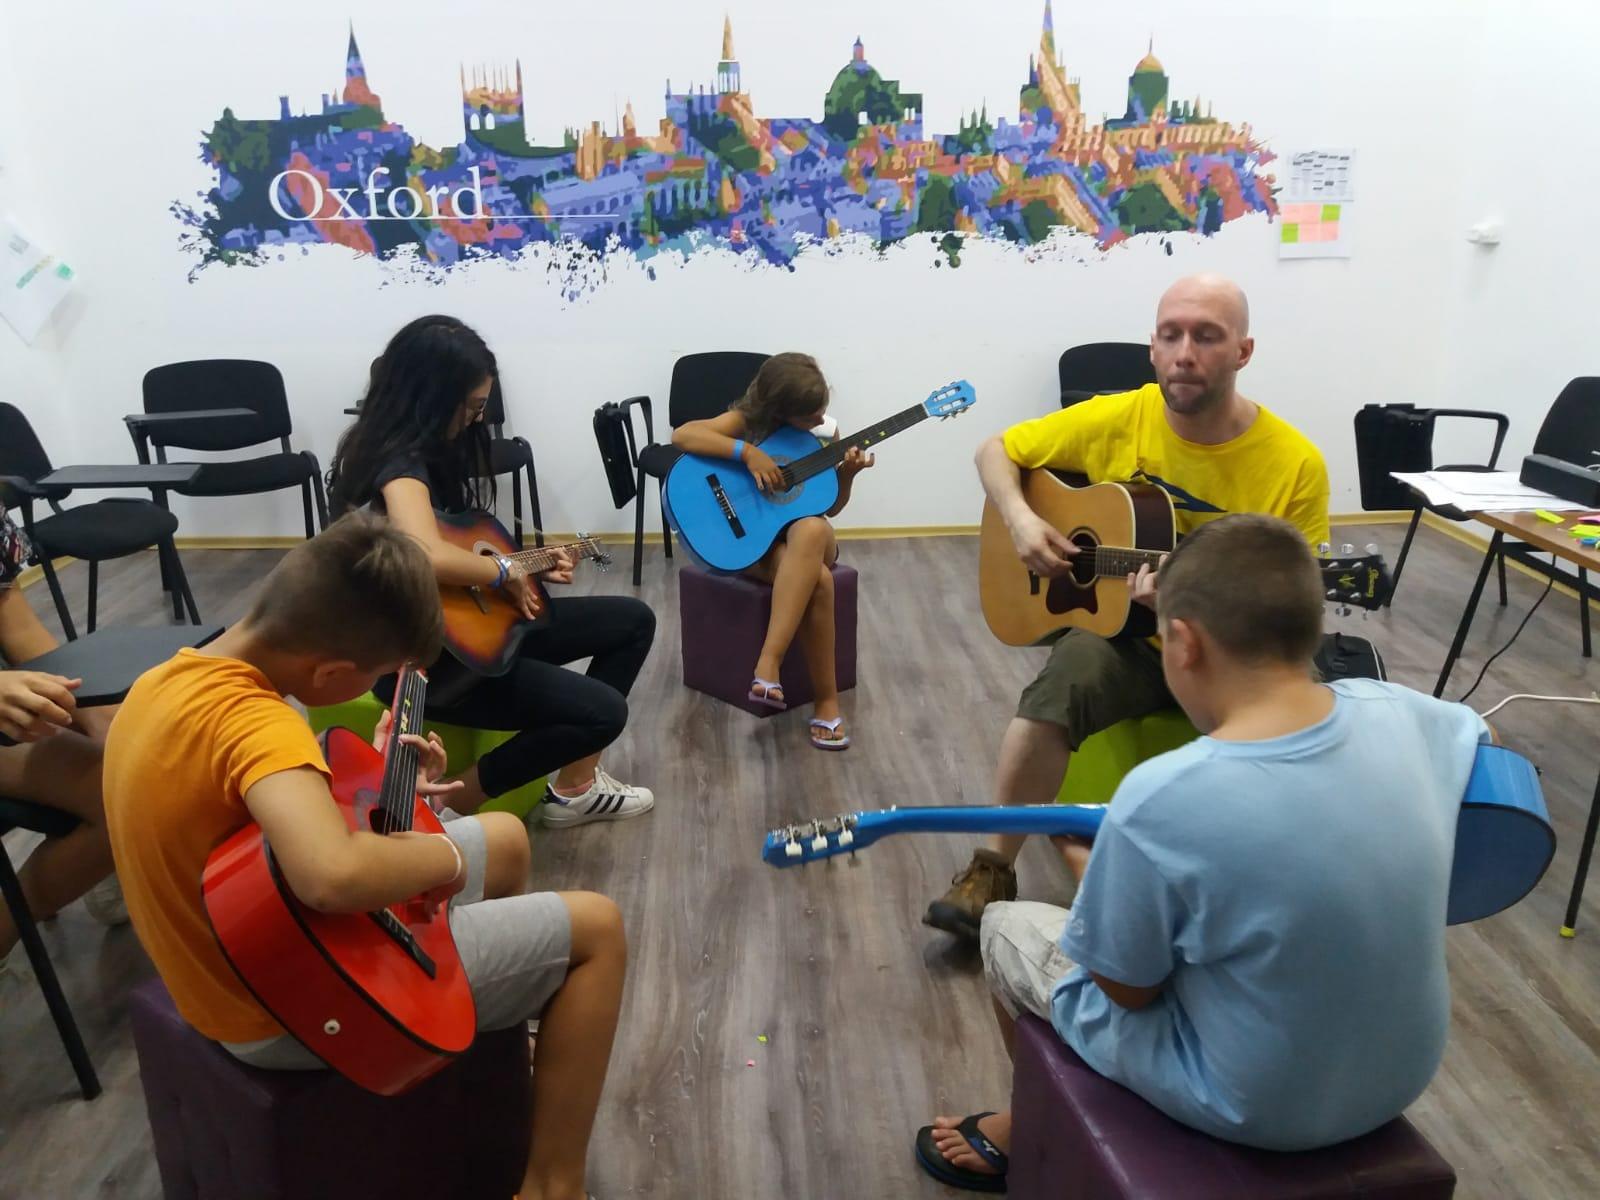 Z кемп, ден 14 - музикална работилница - учител, 2 момичета и 2 момчета, всеки с китара, свирят